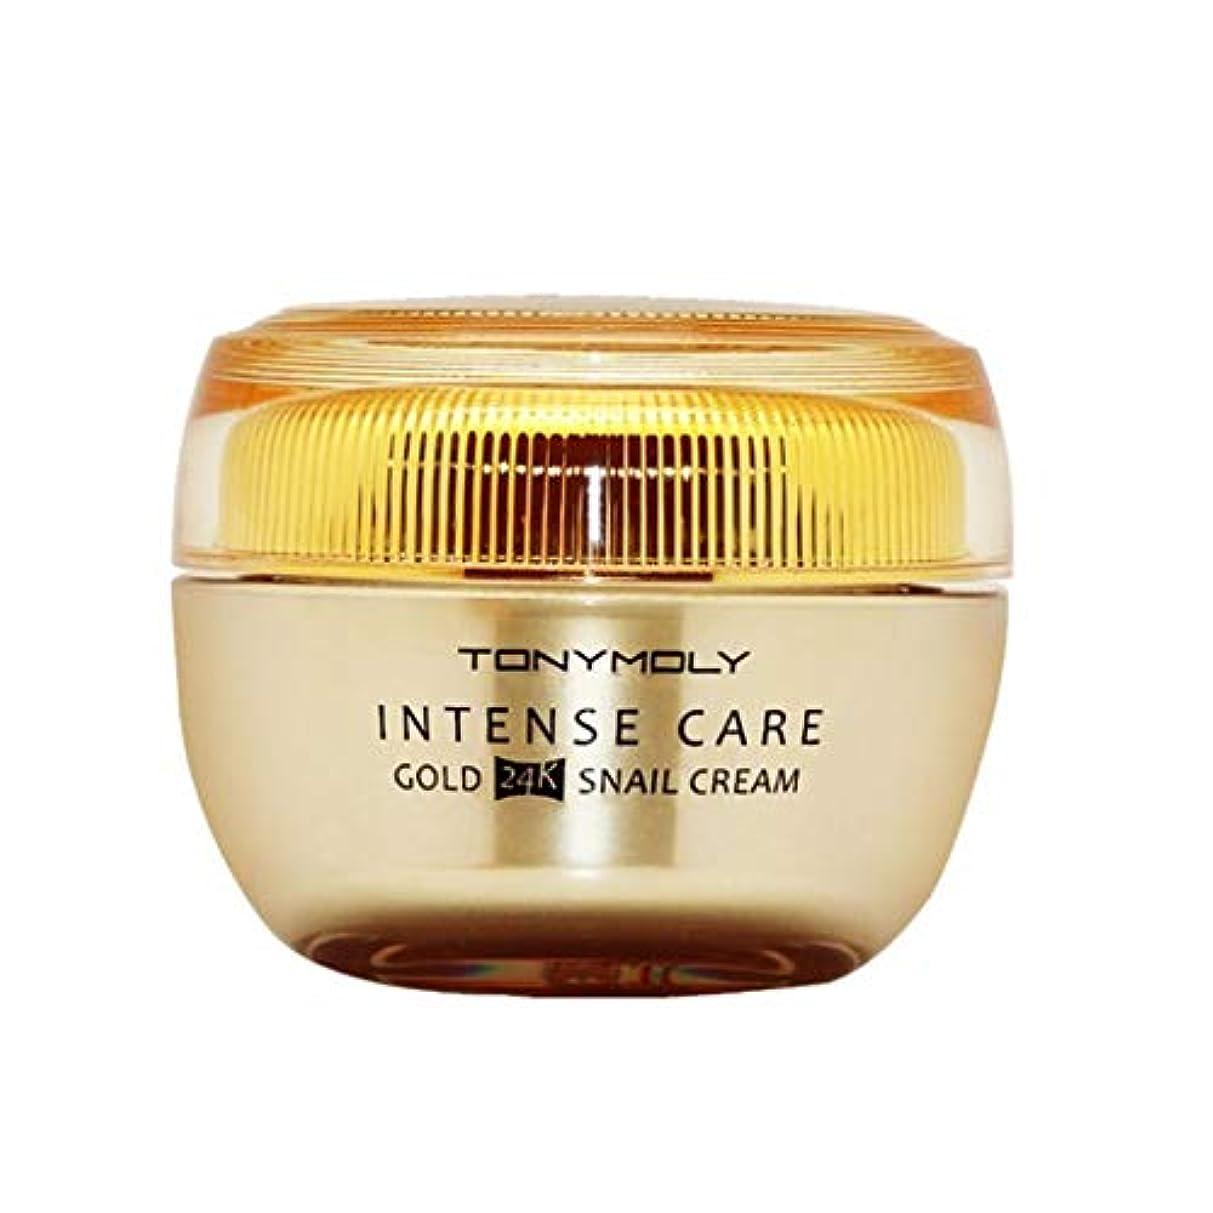 速いオフセット偽装するトニーモリーインテンスケアゴールド24Kスネールクリーム45ml x 2本セット美白、シワ改善クリーム、Tonymoly Intense Care Gold 24K Snail Cream 45ml x 2ea Set...